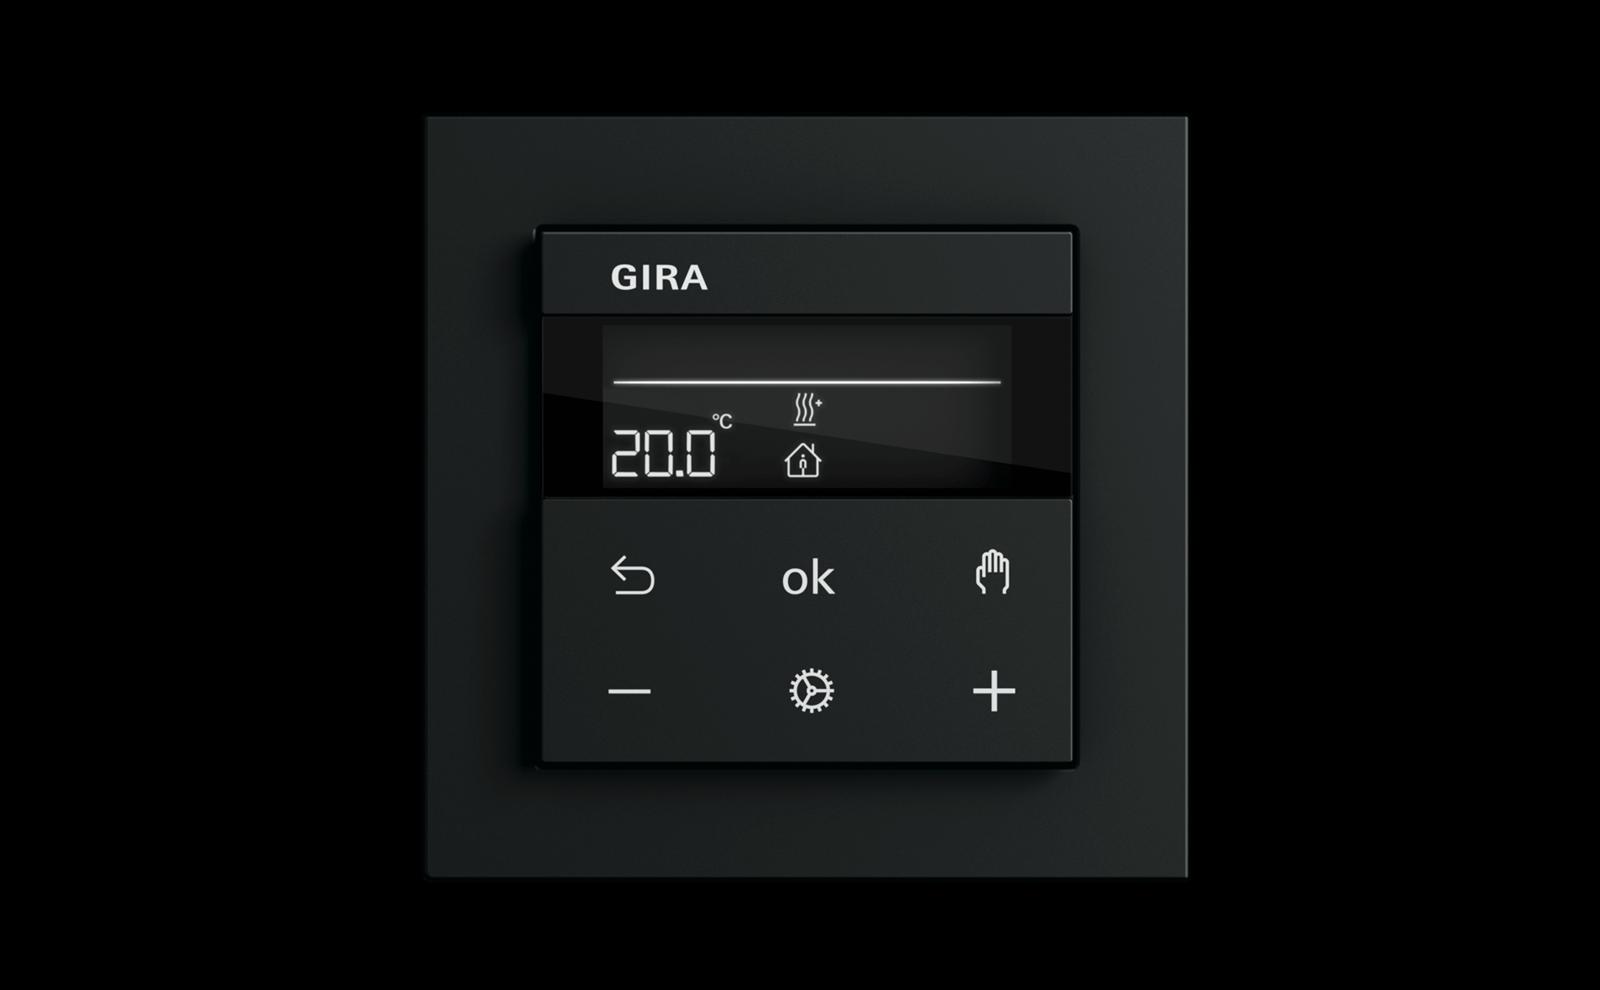 Gira System 3000 Heizungssteuerung in Schwarz